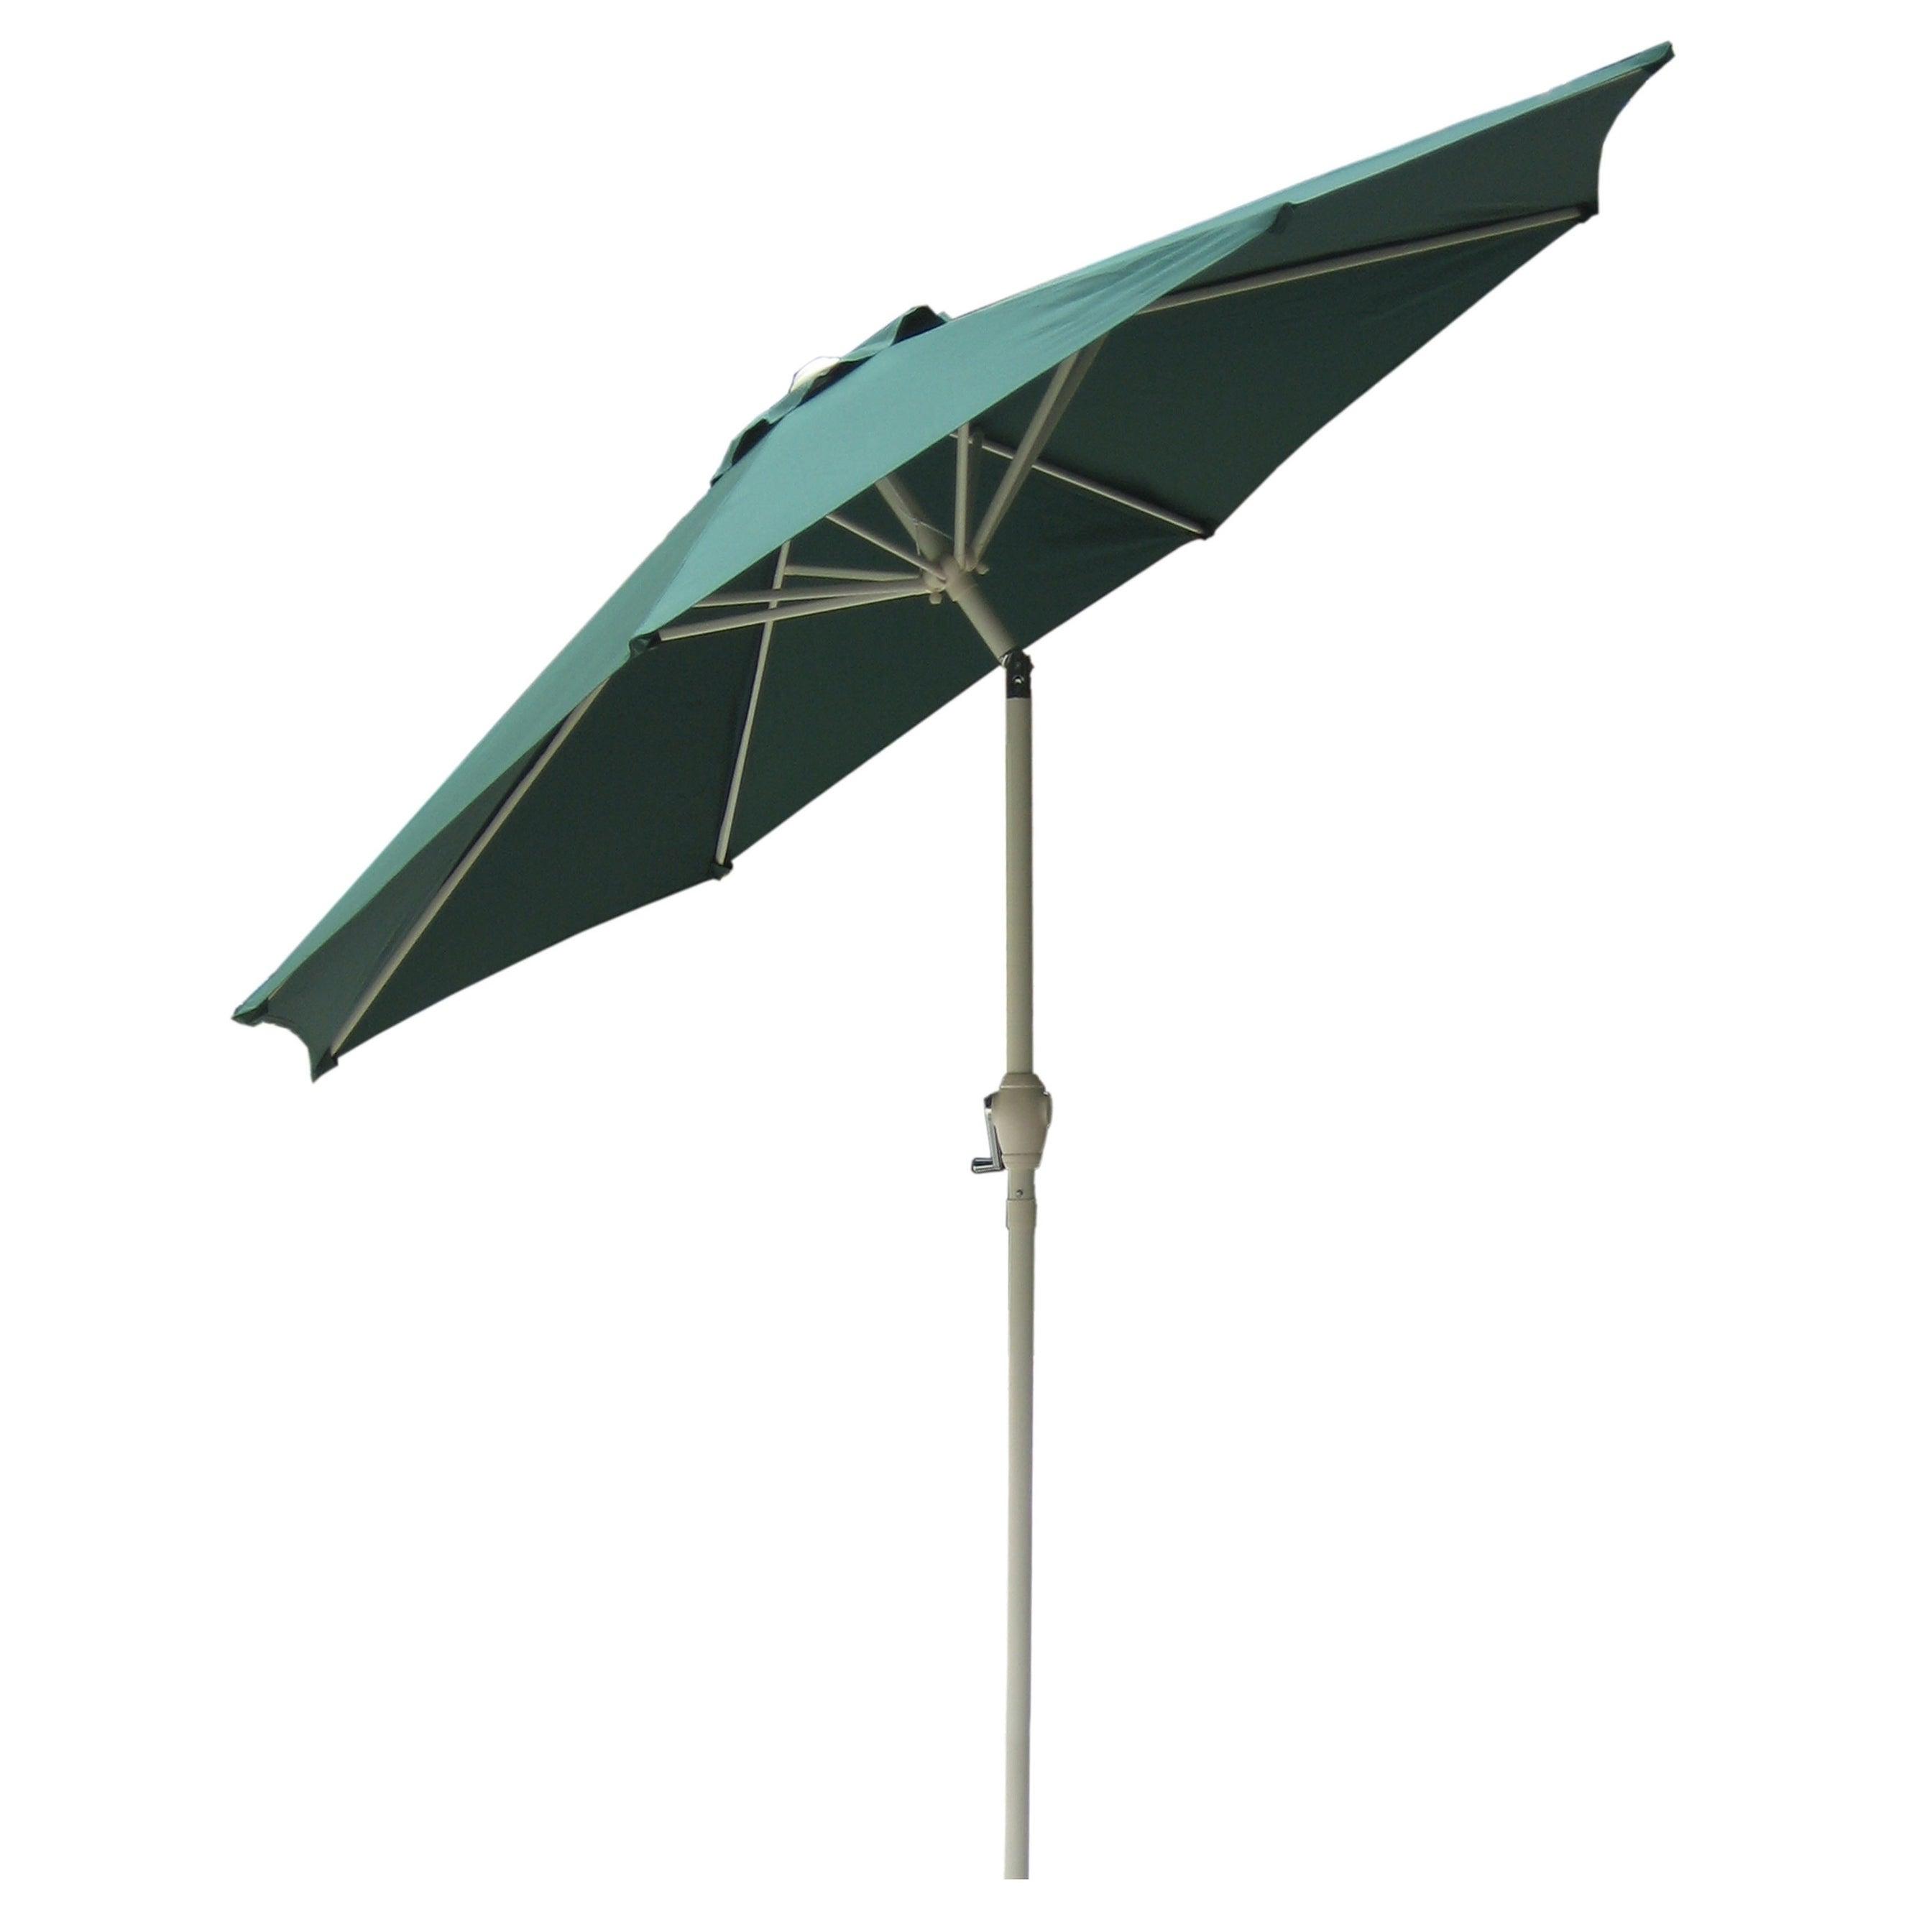 Havenside Home La Porte Market 9 Foot Outdoor Umbrella With Steel Pole For Most Popular Alder Half Round Outdoor Patio Market Umbrellas (View 10 of 20)